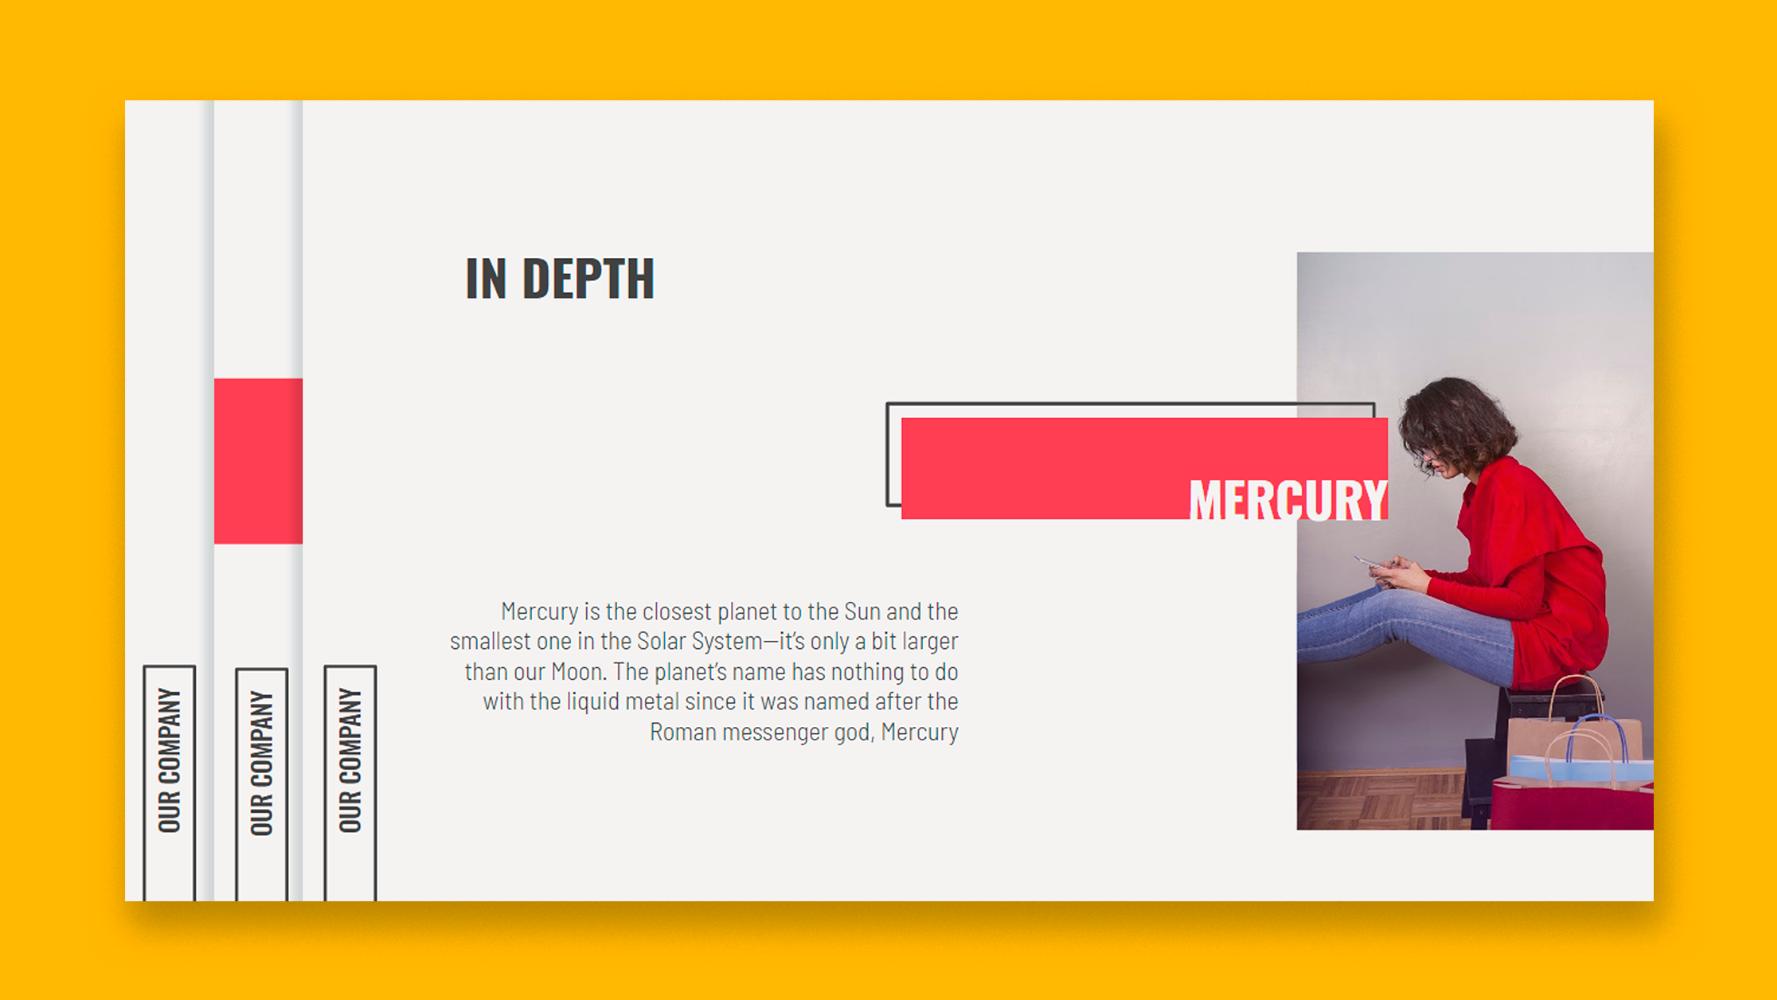 نحوه افزودن پاورقی در اسلایدهای Google |  نکات سریع و آموزش برای ارائه های خود